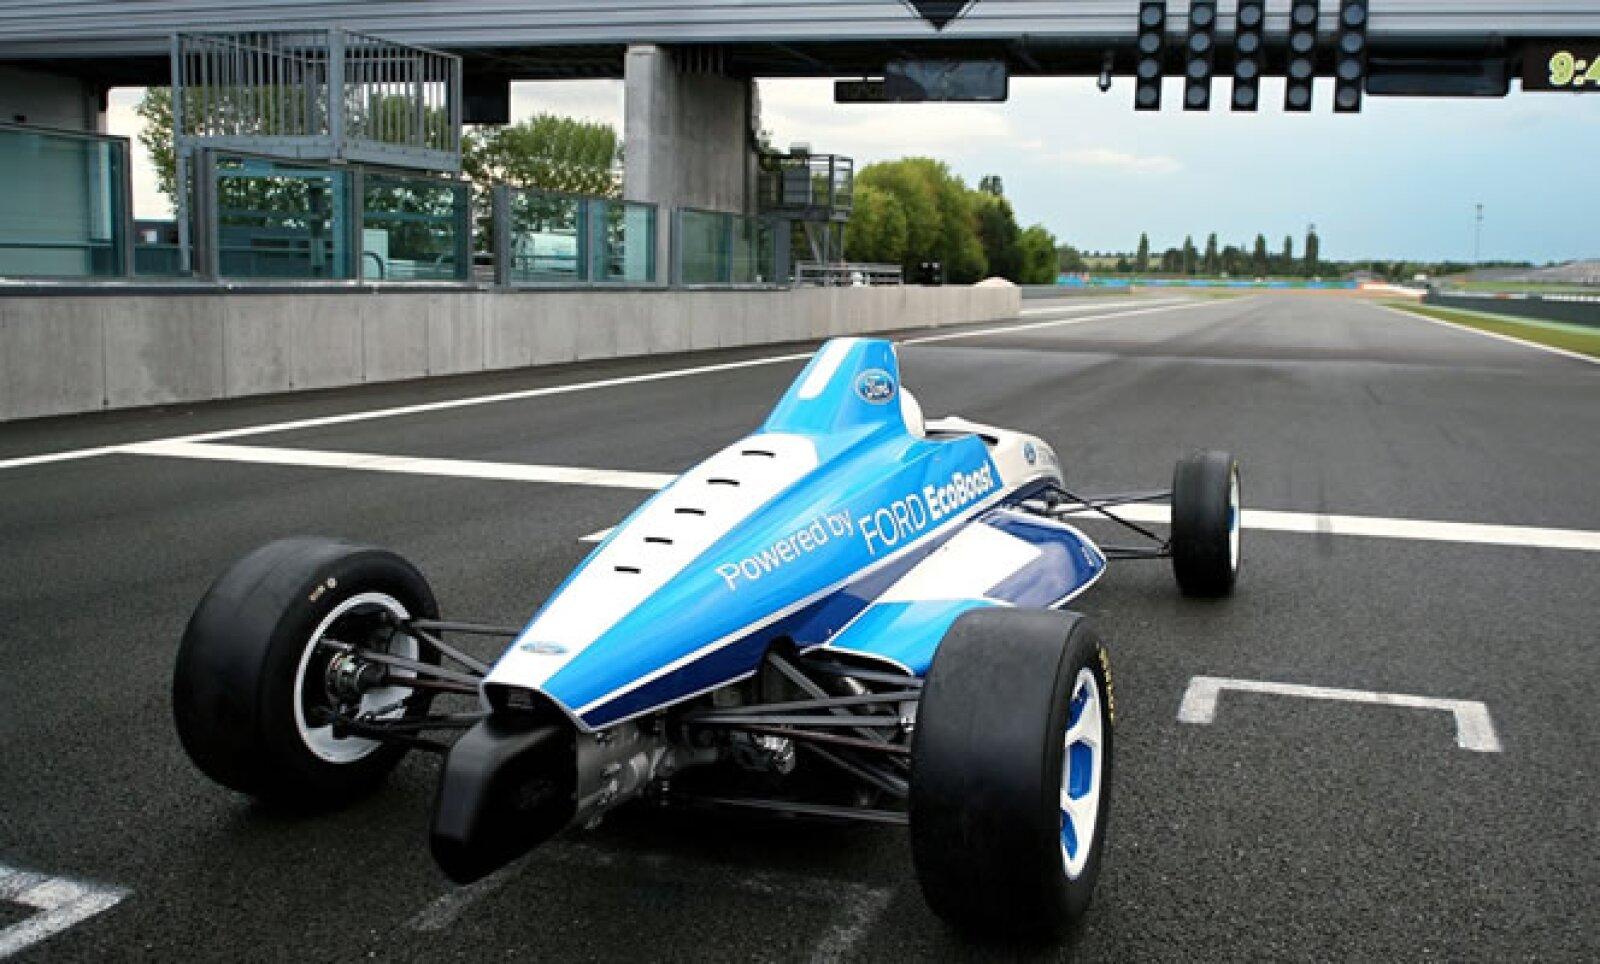 El Slick hará su debut en pista en el campeonato de Dunlop MSA Formula Ford 2012 en Gran Bretaña. Posteriormente estará presente en otros seriales de competencia alrededor del mundo.